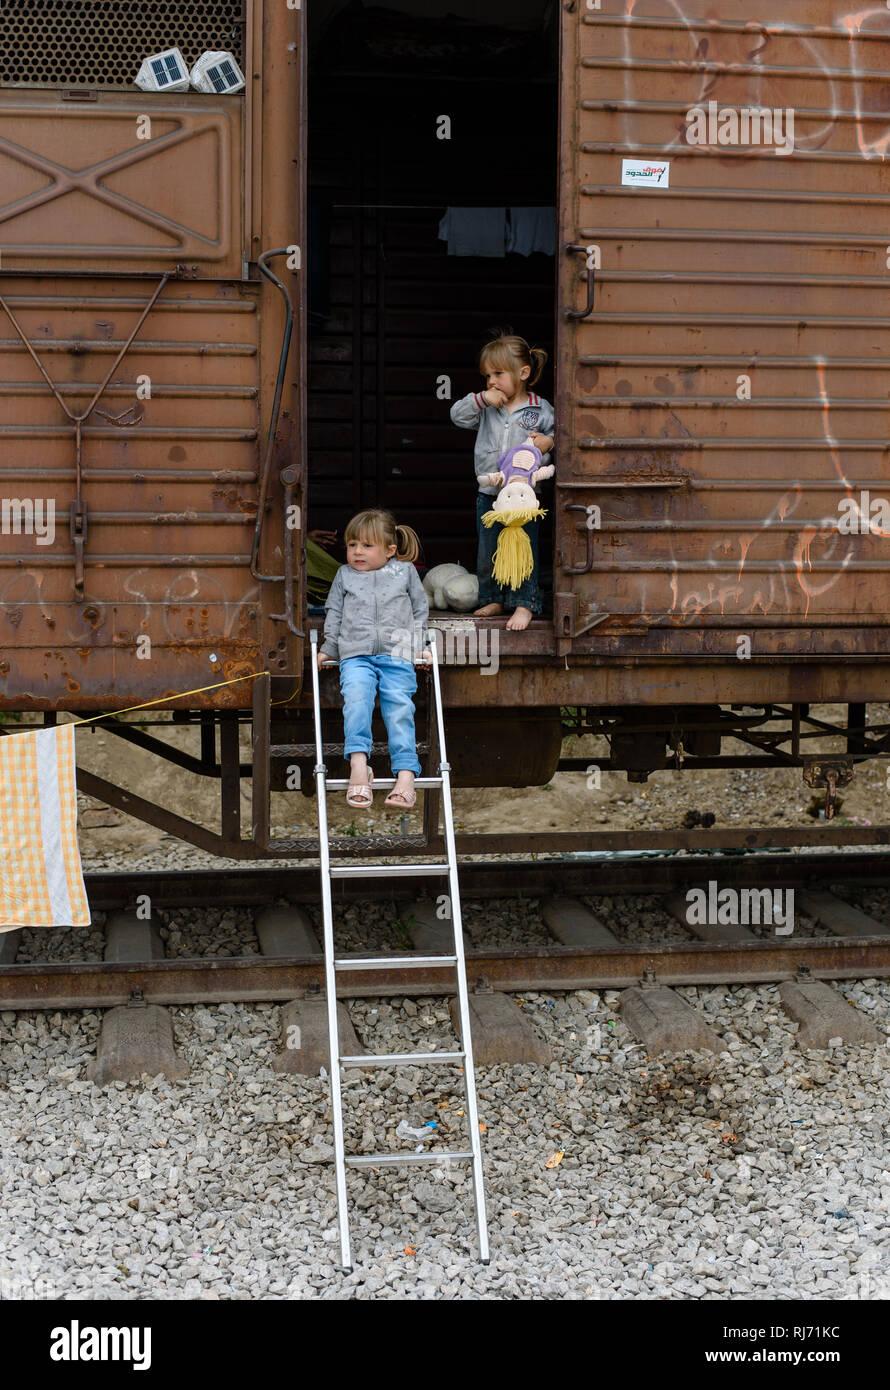 Zwei Schwestern aus Syrien in einem abgestellten Zug Waggon im Flüchtlingscamp von Idomeni in Griechenland an der Grenze nach Mazedonien, April 2016. - Stock Image